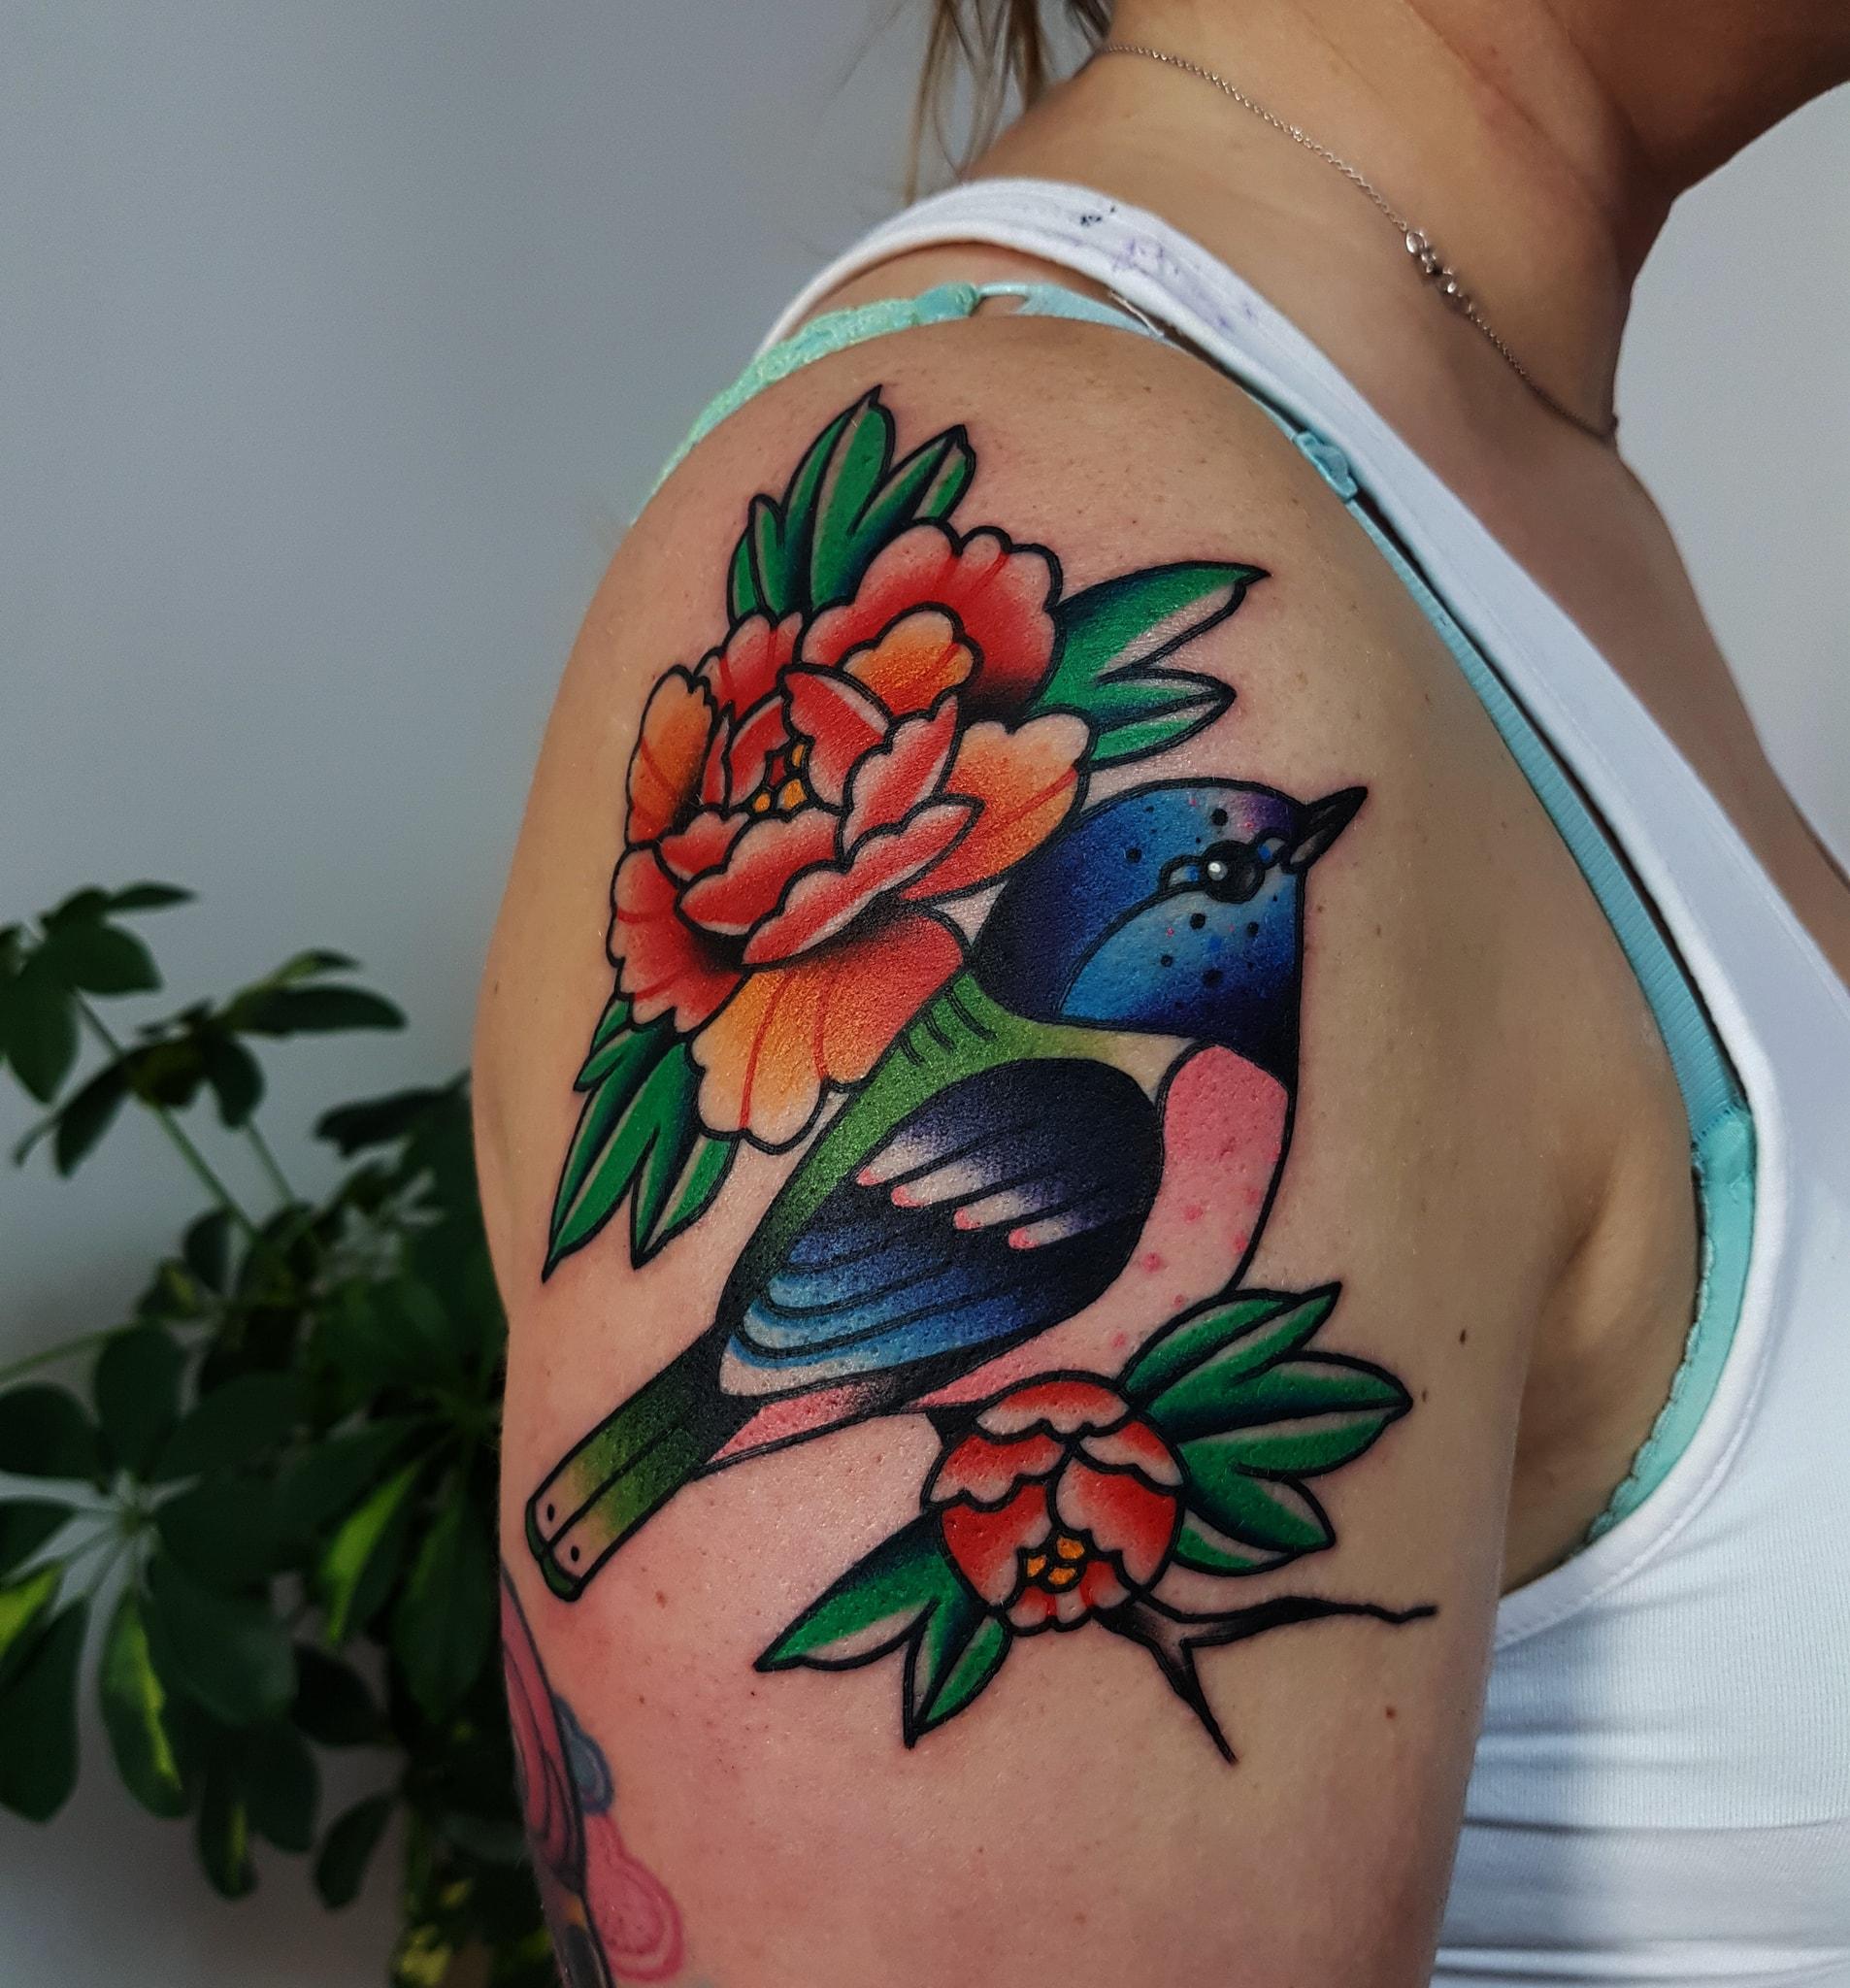 Inksearch tattoo Marcin Szymański - Gruby Kruk